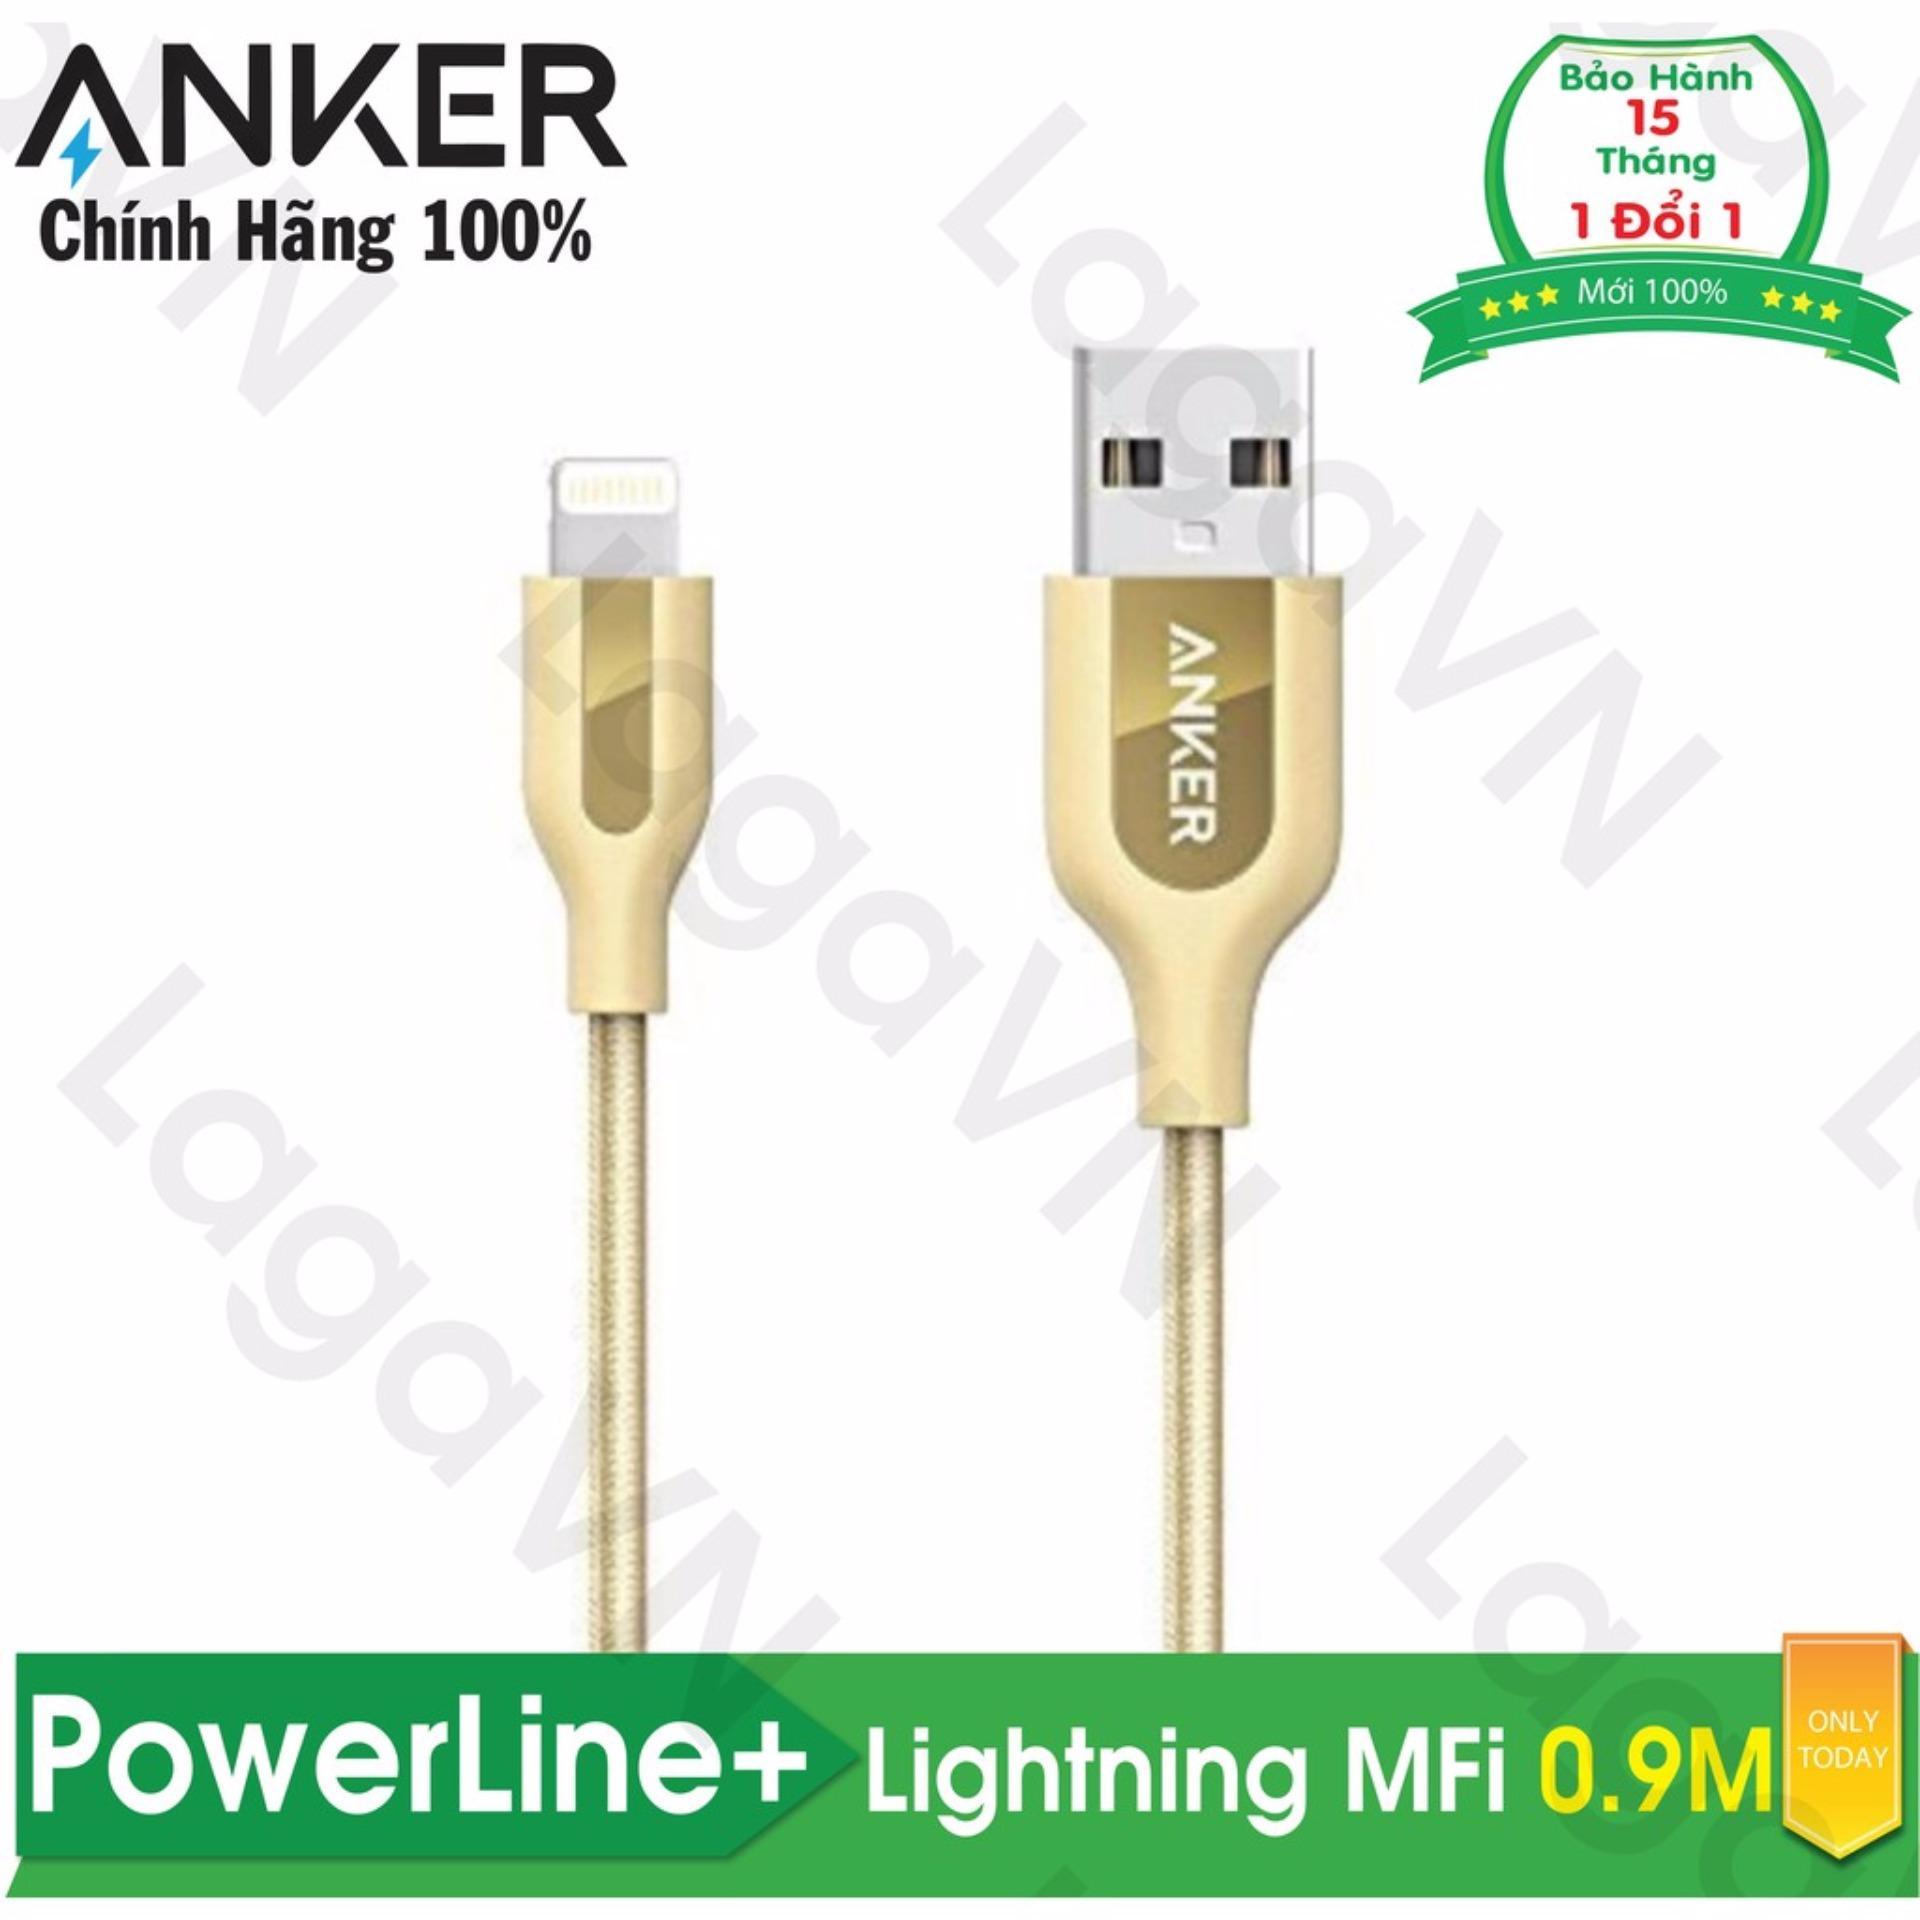 Bán Cap Sạc Nylon Anker Powerline Lightning Mfi Dai 9M Khong Tui Da Cho Iphone Ipad Ipod A8121 Hang Phan Phối Chinh Thức Trong Hồ Chí Minh